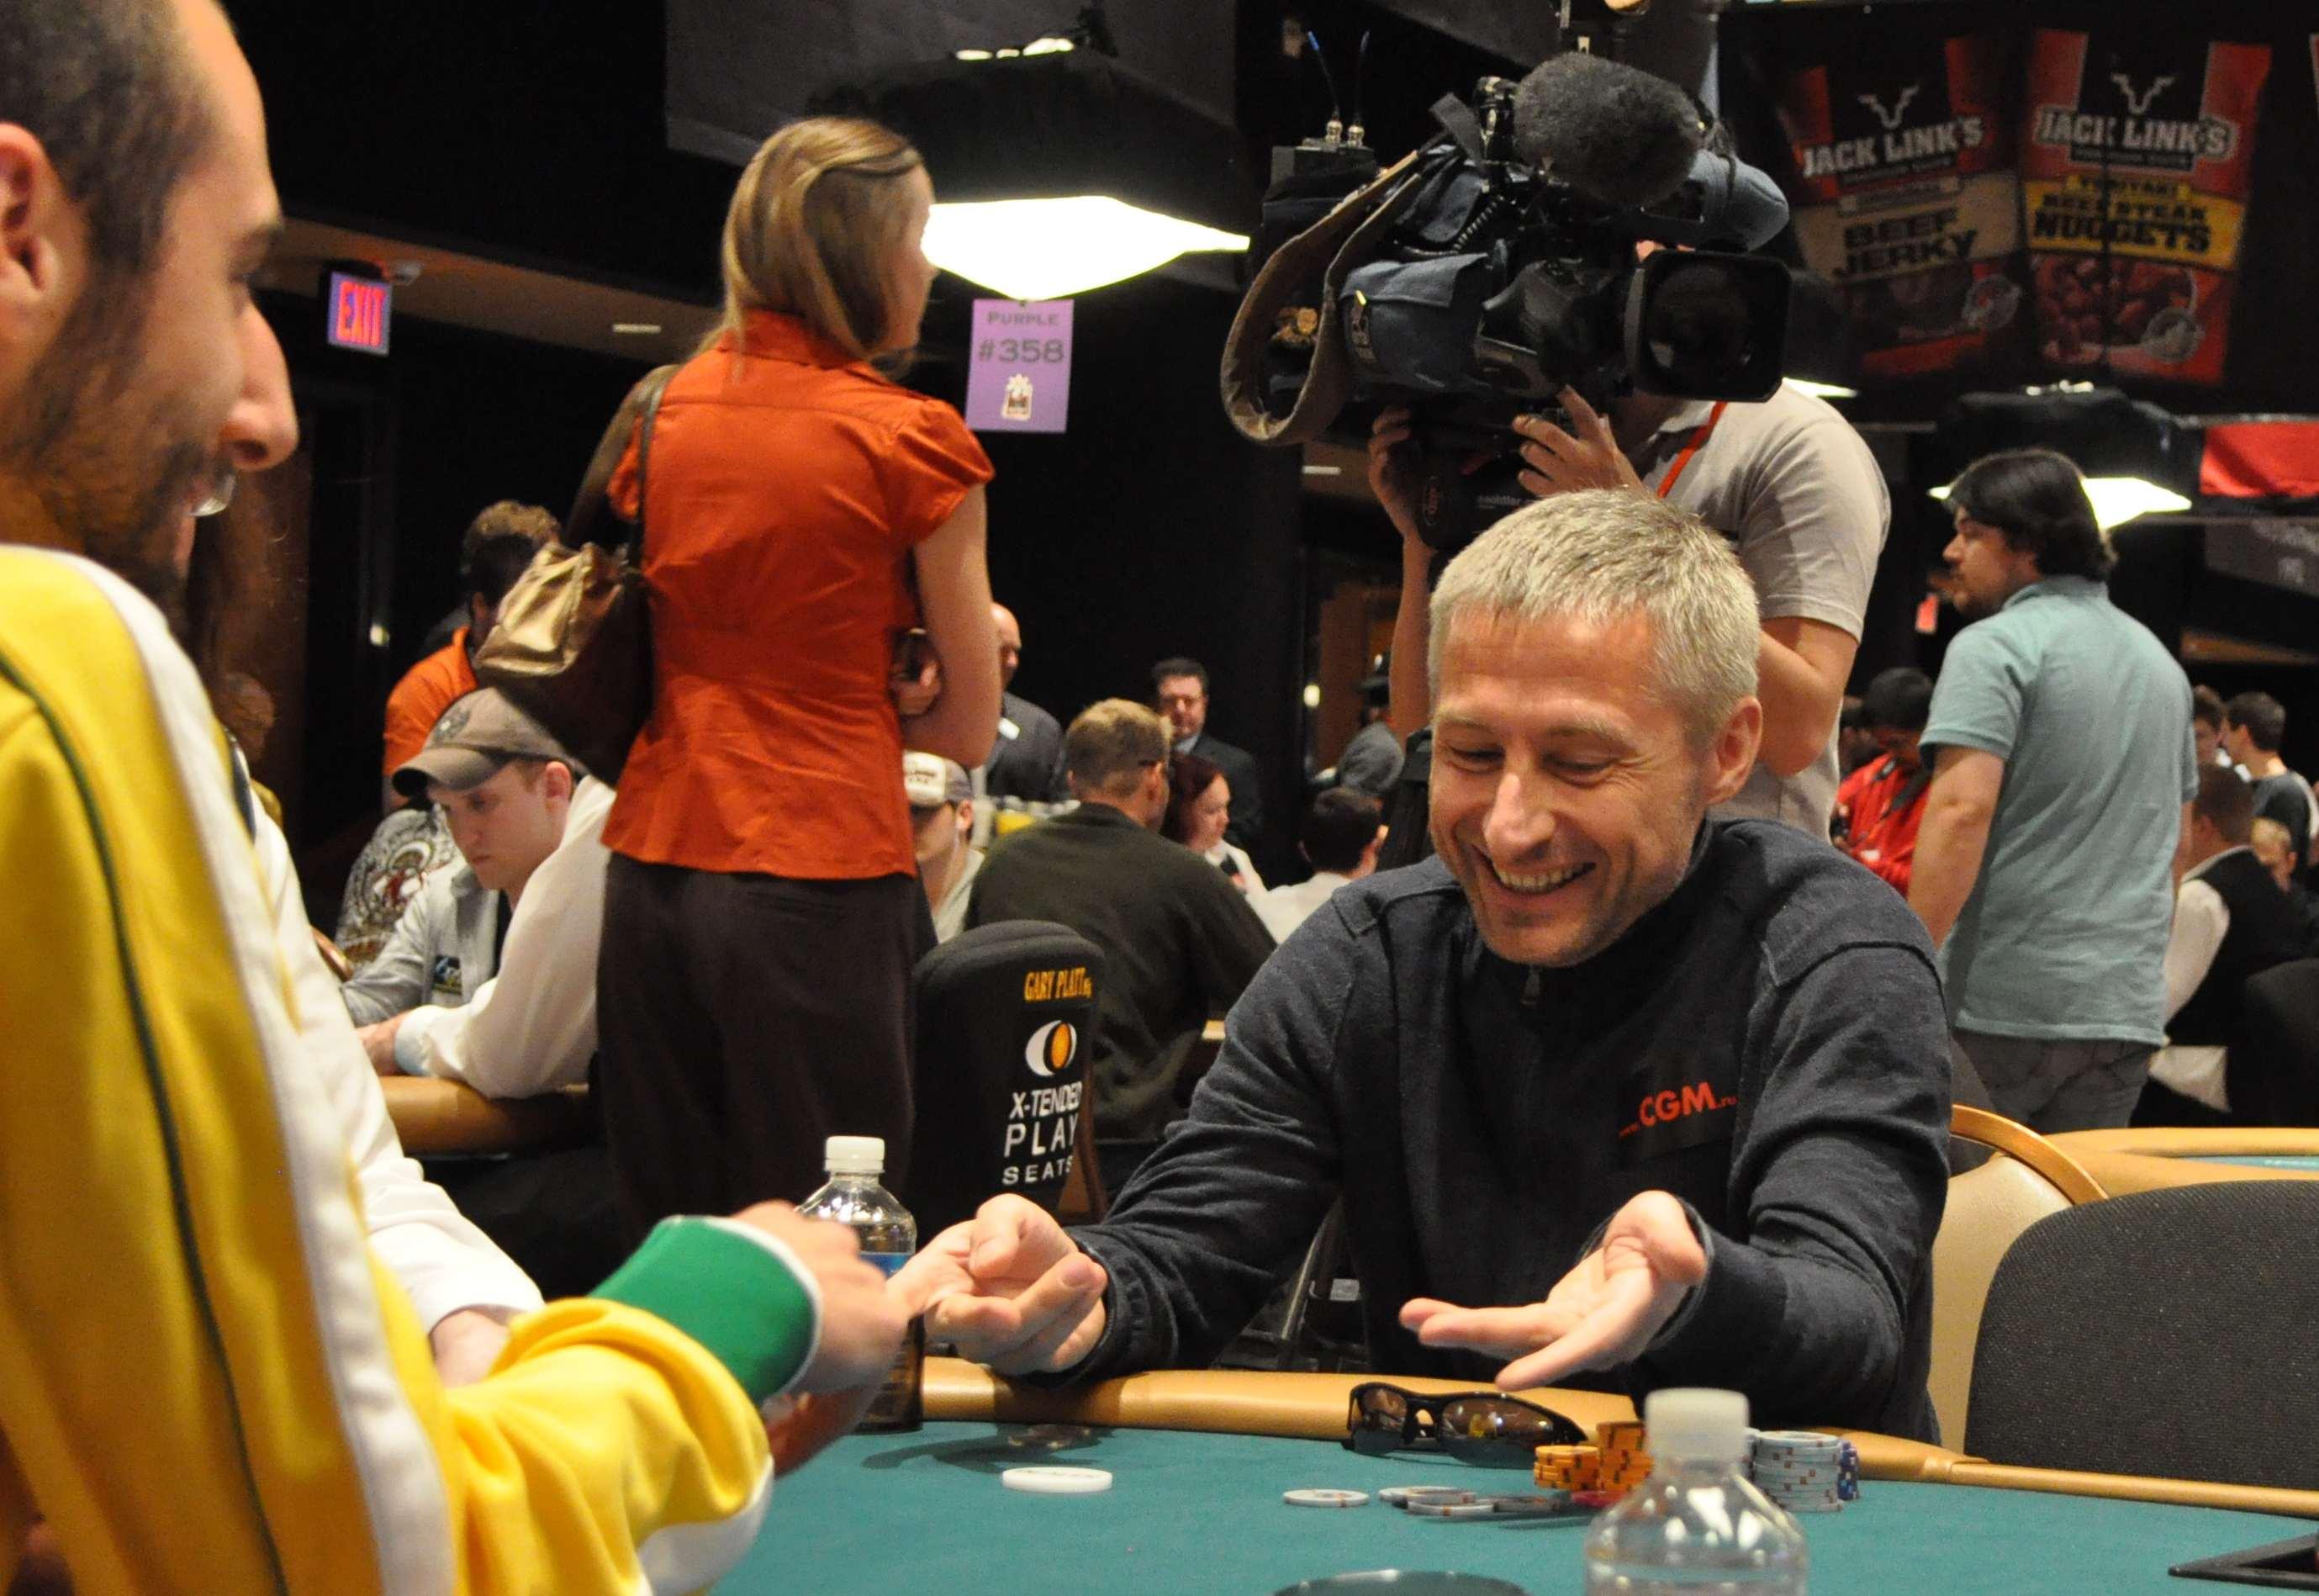 Нажмите на изображение для увеличения Название: Коля покер.jpg Просмотров: 5 Размер:350.5 Кб ID:126319